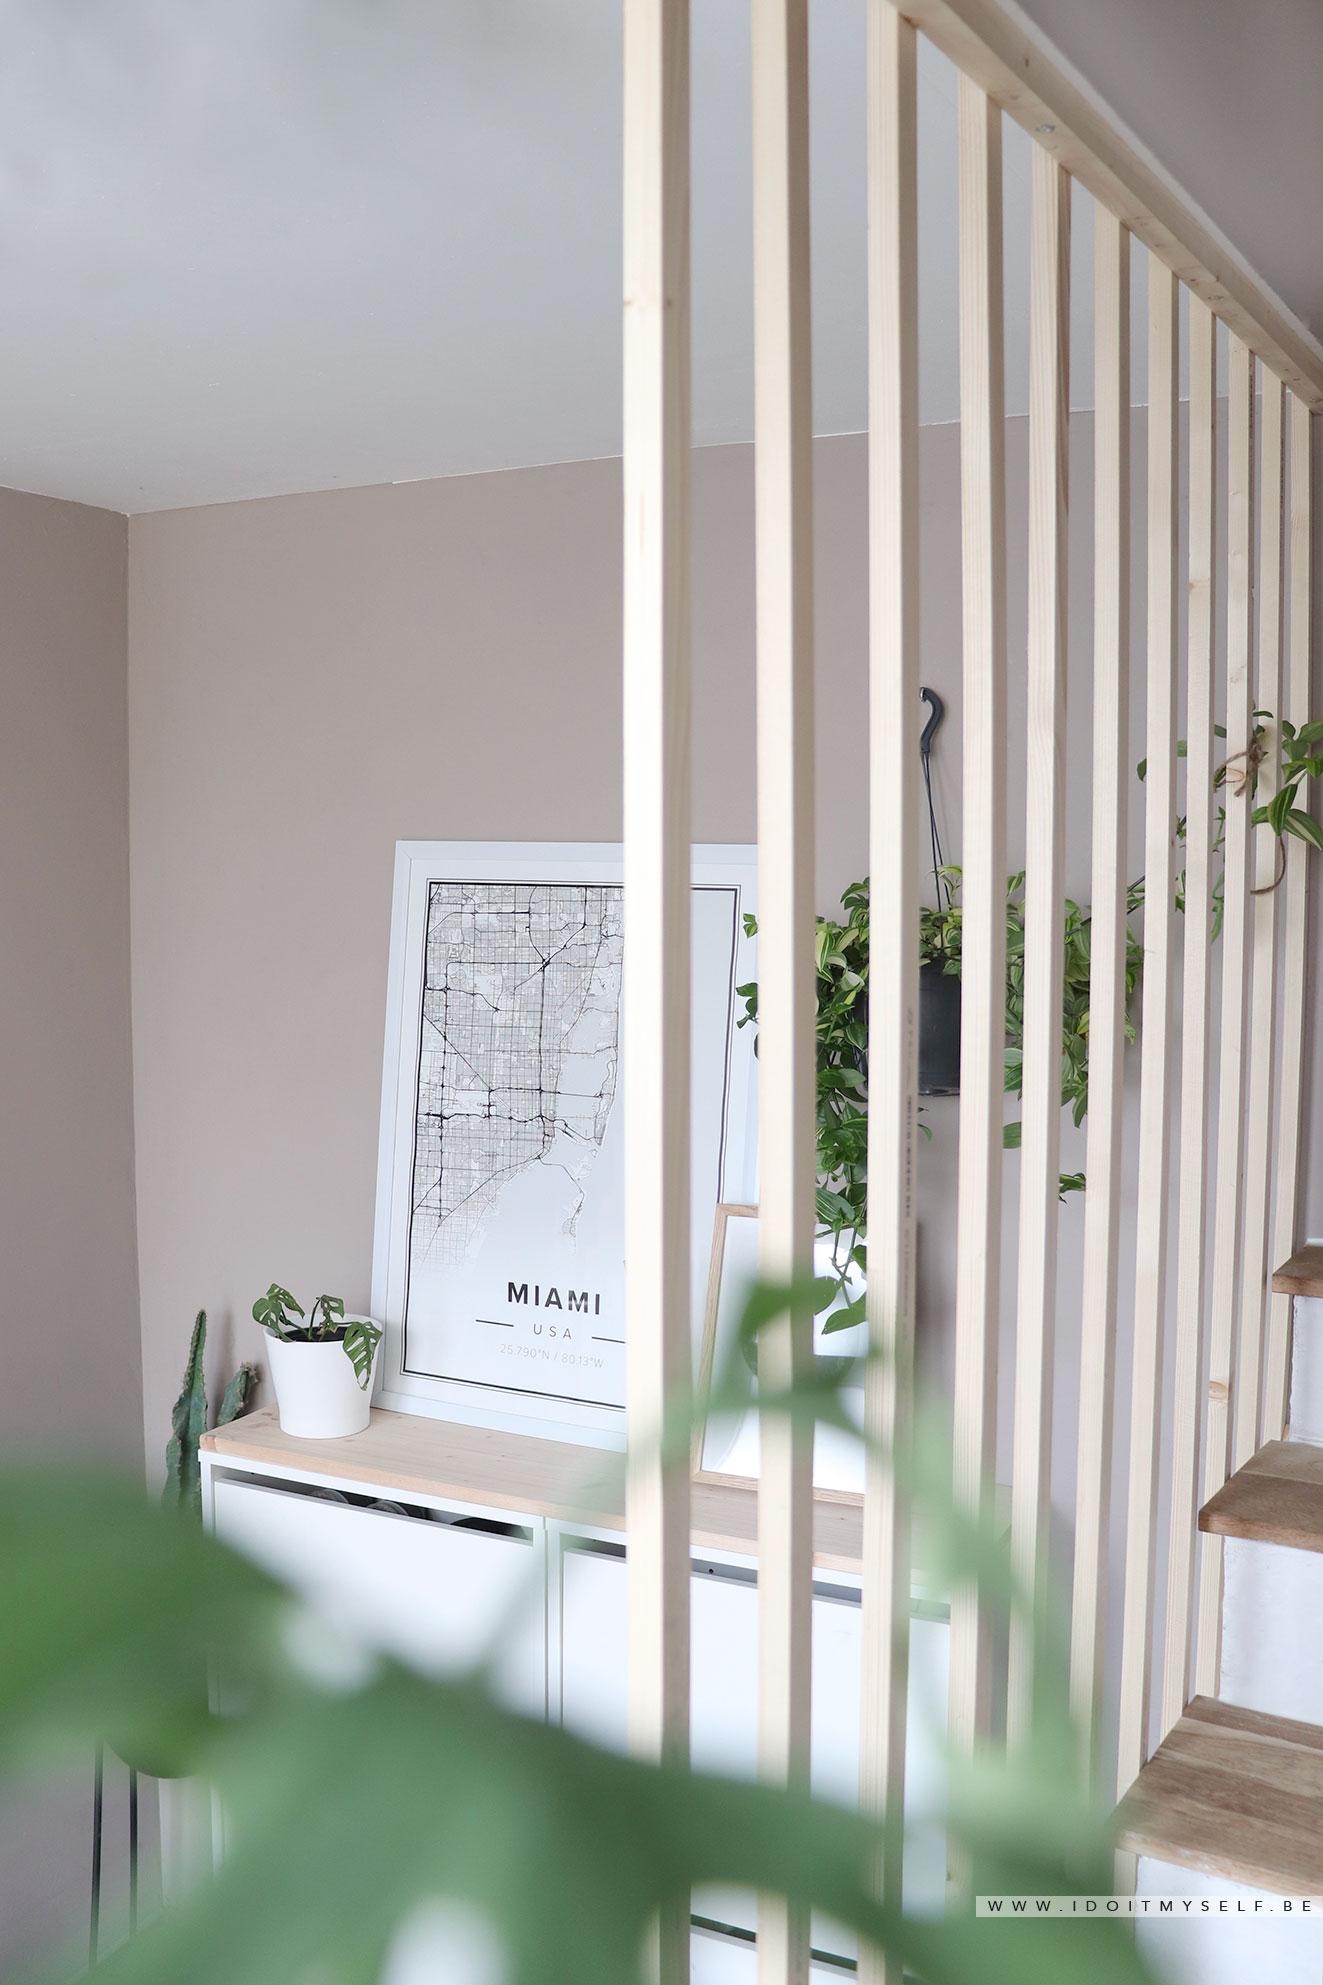 Claustra Intérieur En Bois diy - un claustra pour mon entrée - i do it myself